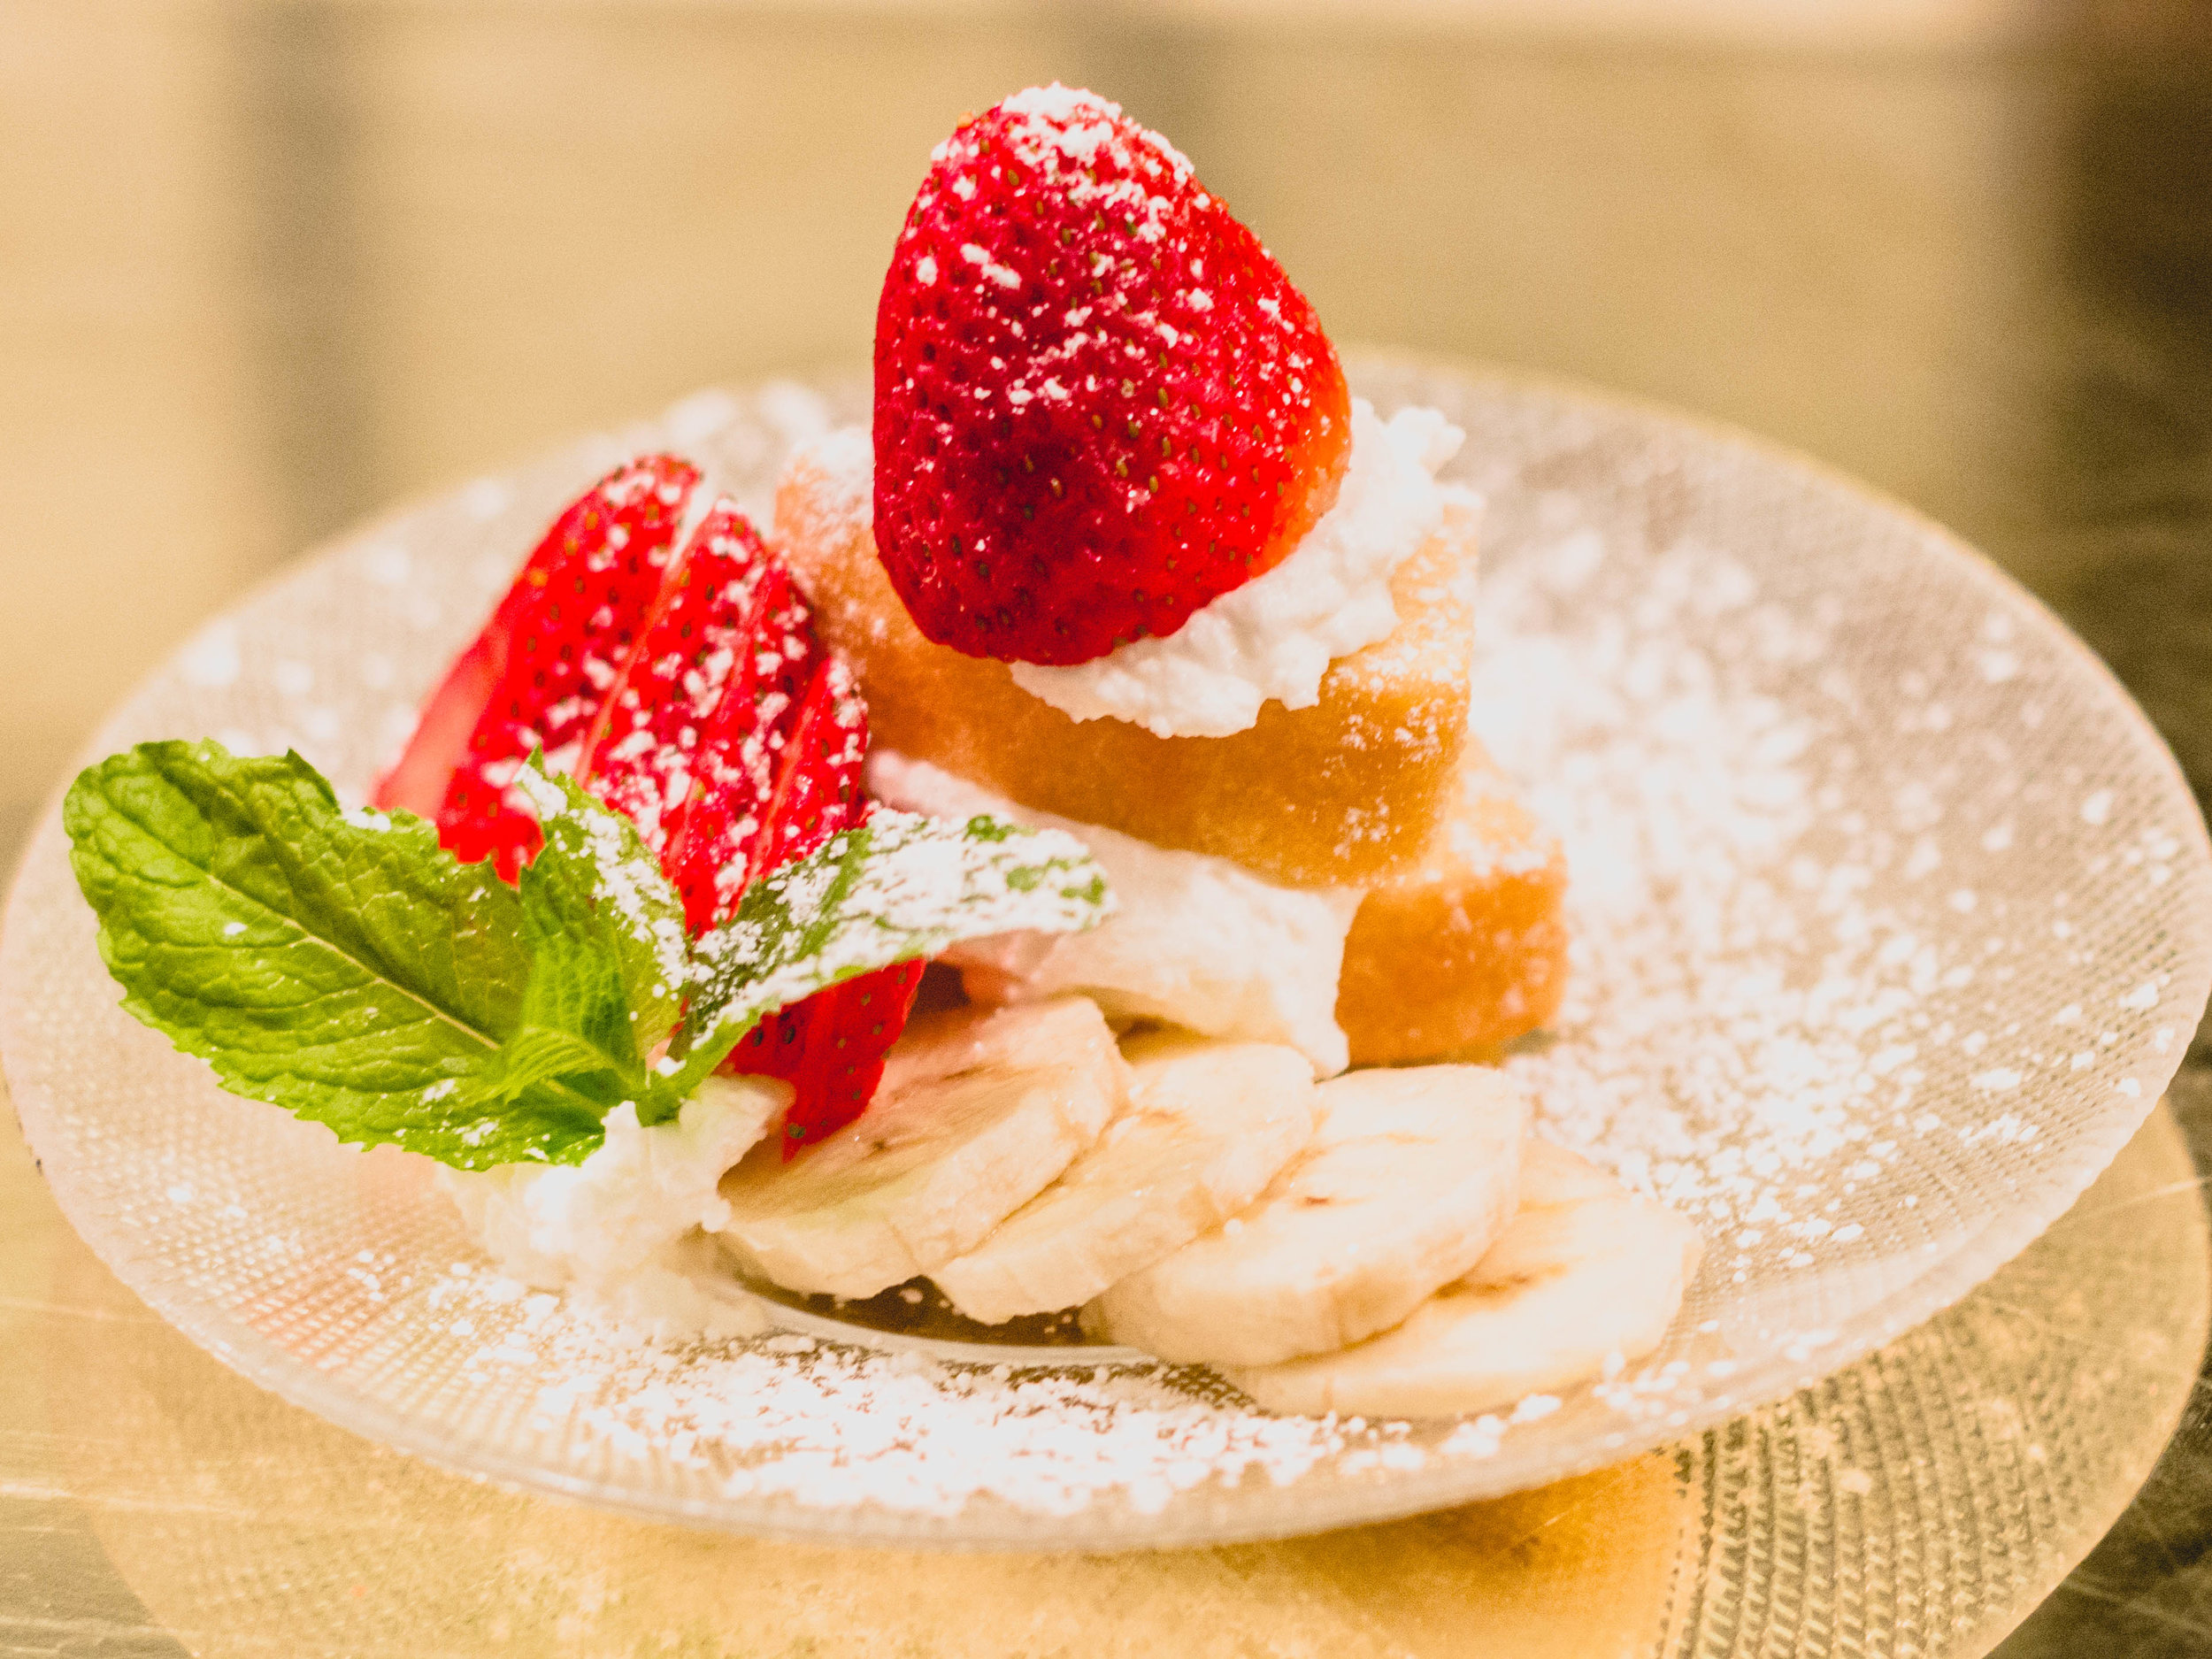 Baumkuchen - Tree Layer Cake with Whipped Cream, Banana, & Strawberry